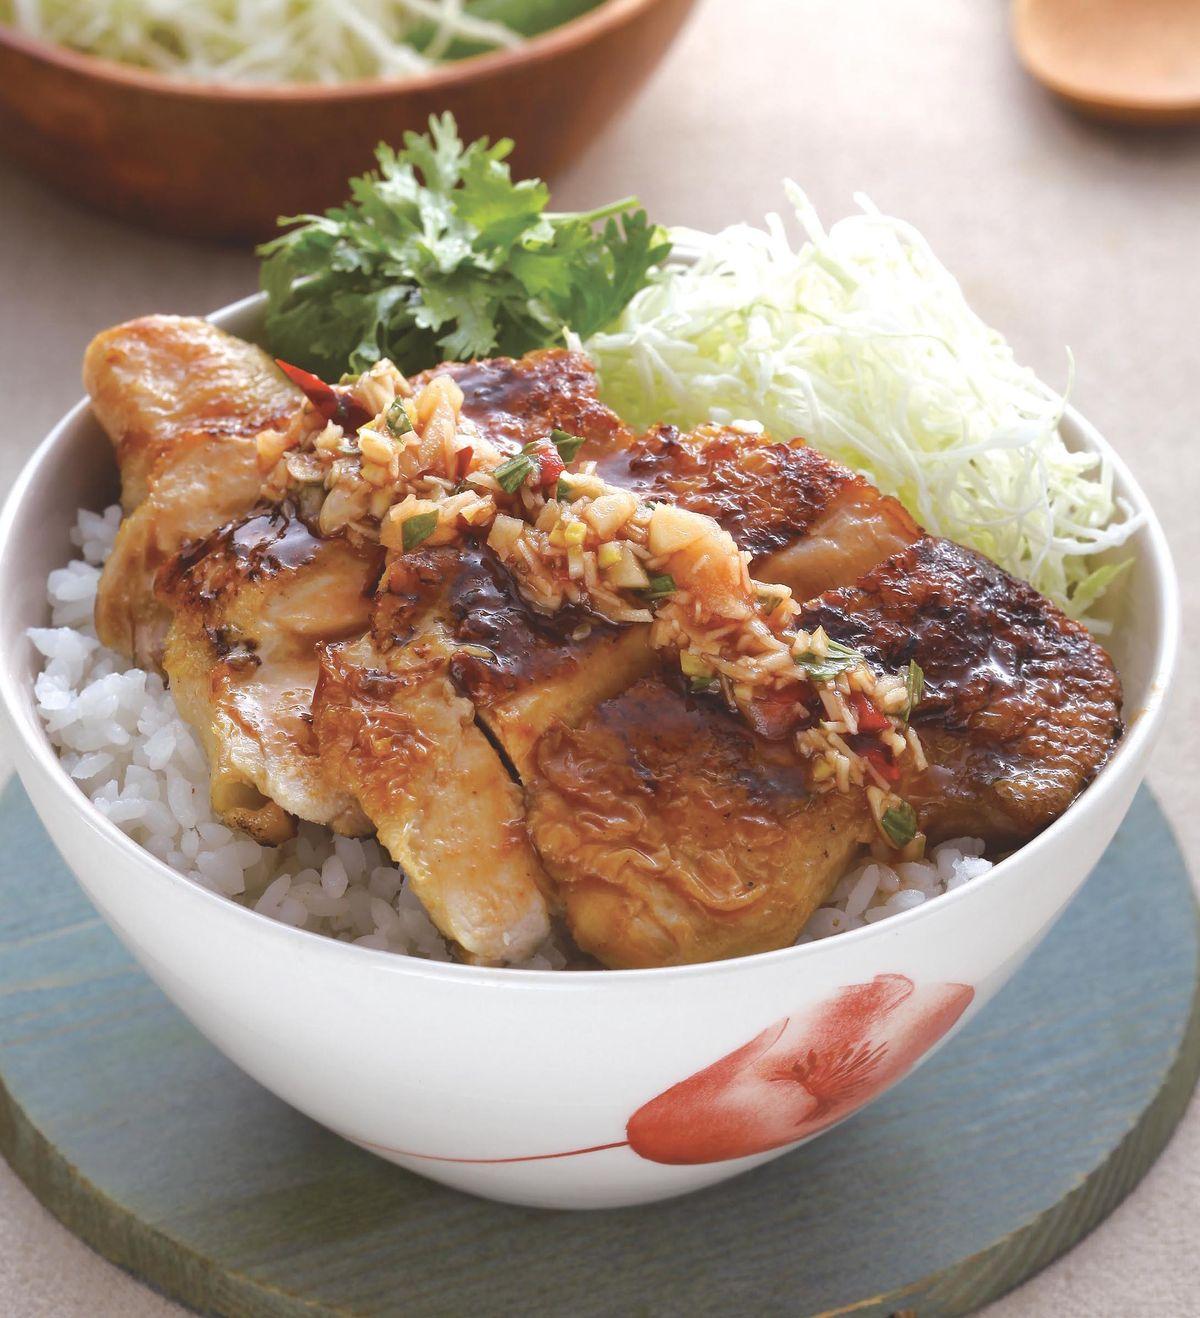 食譜:泰式椒麻煎雞腿蓋飯